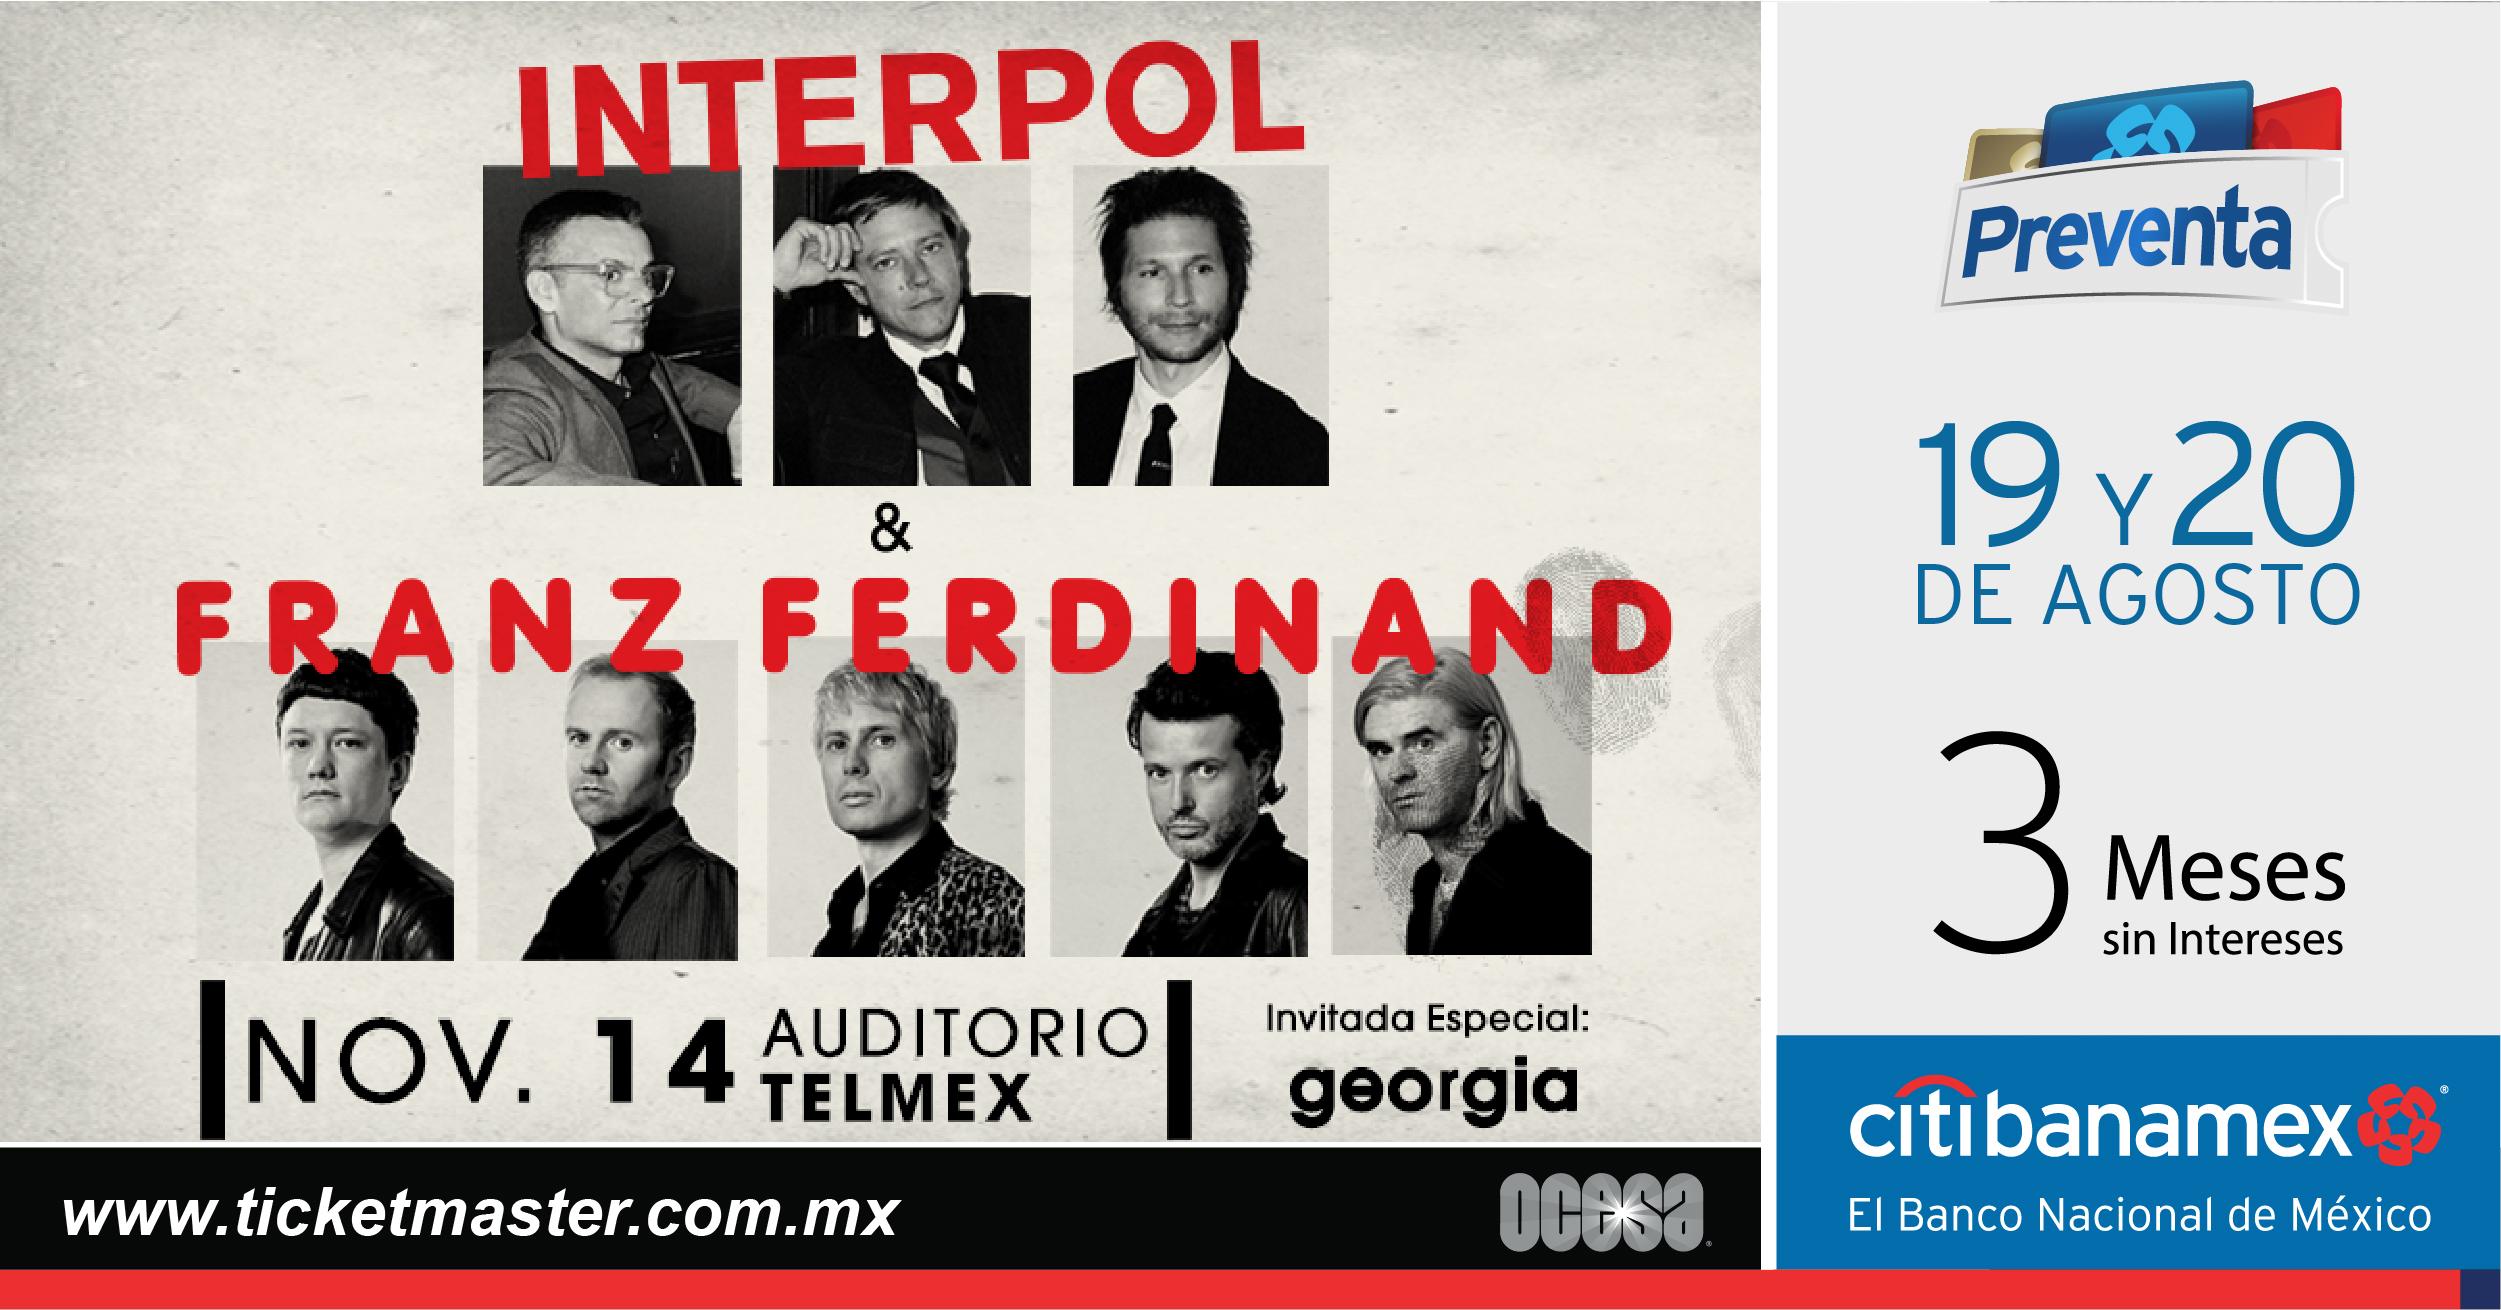 Franz Ferdinand e Interpol anuncian concierto juntos en Guadalajara